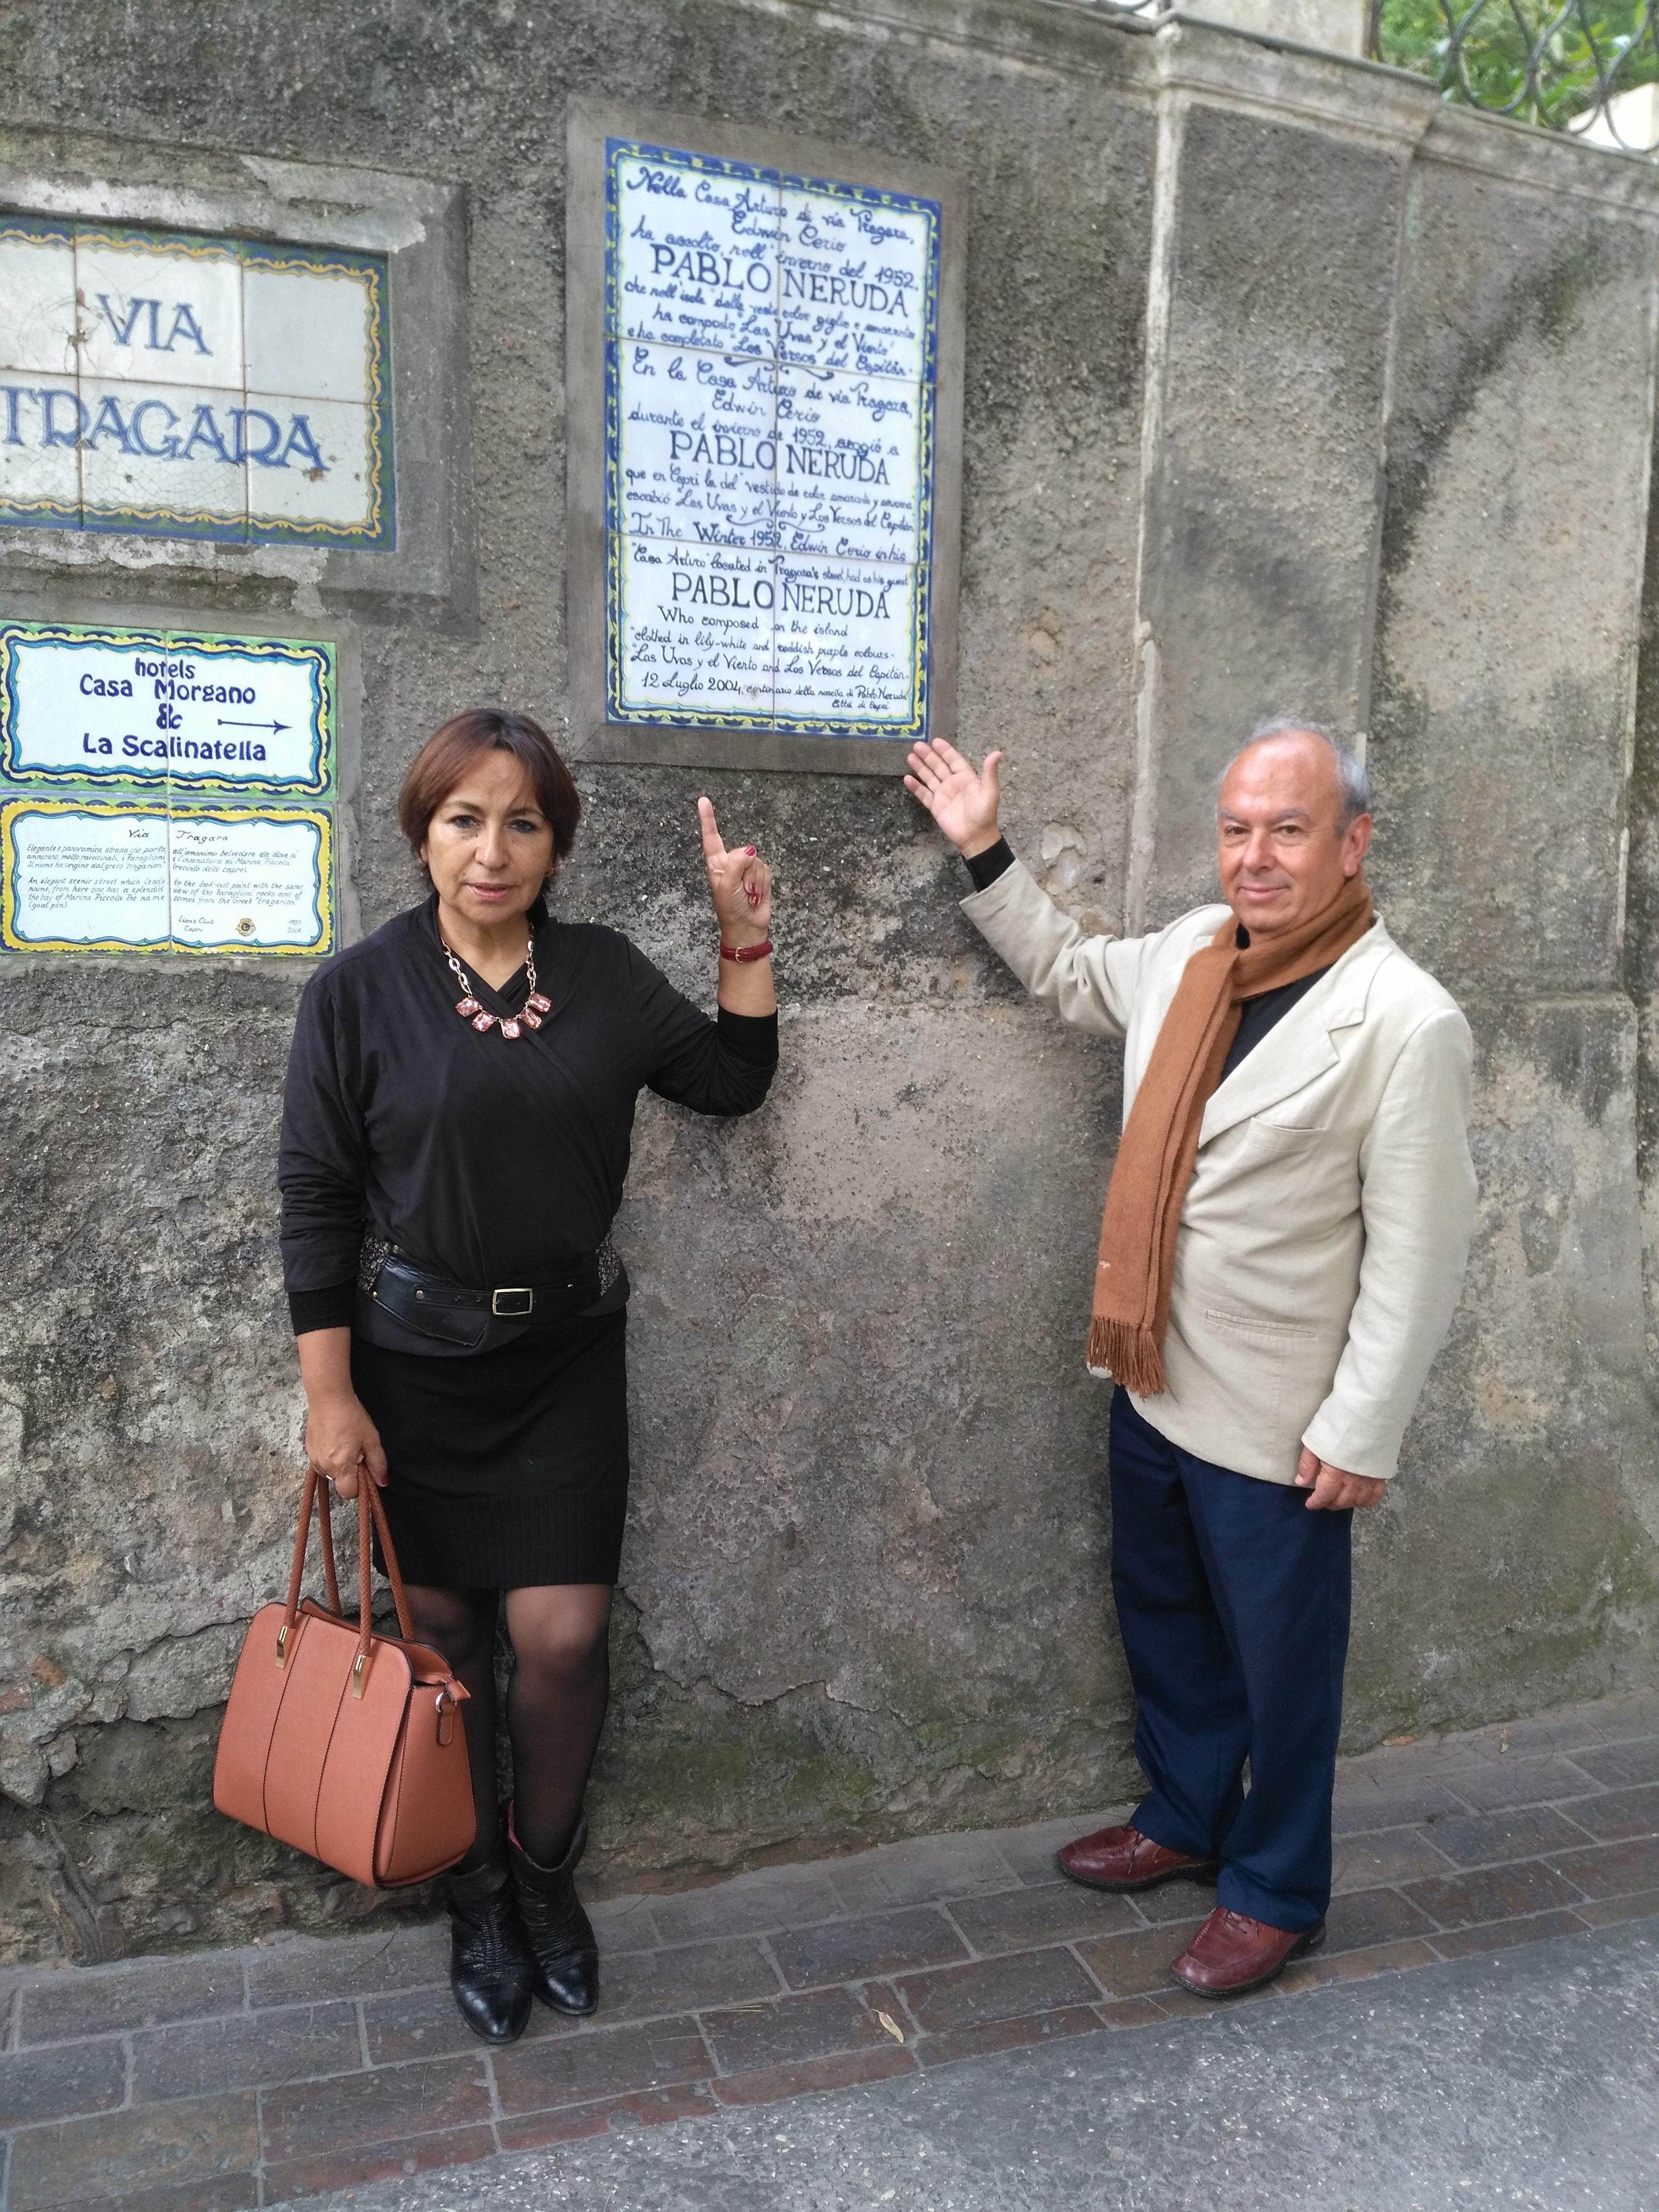 Capri. Il nipote di Pablo Neruda si stupisce per l'accoglienza e dedica alla comunità caprese una poesia